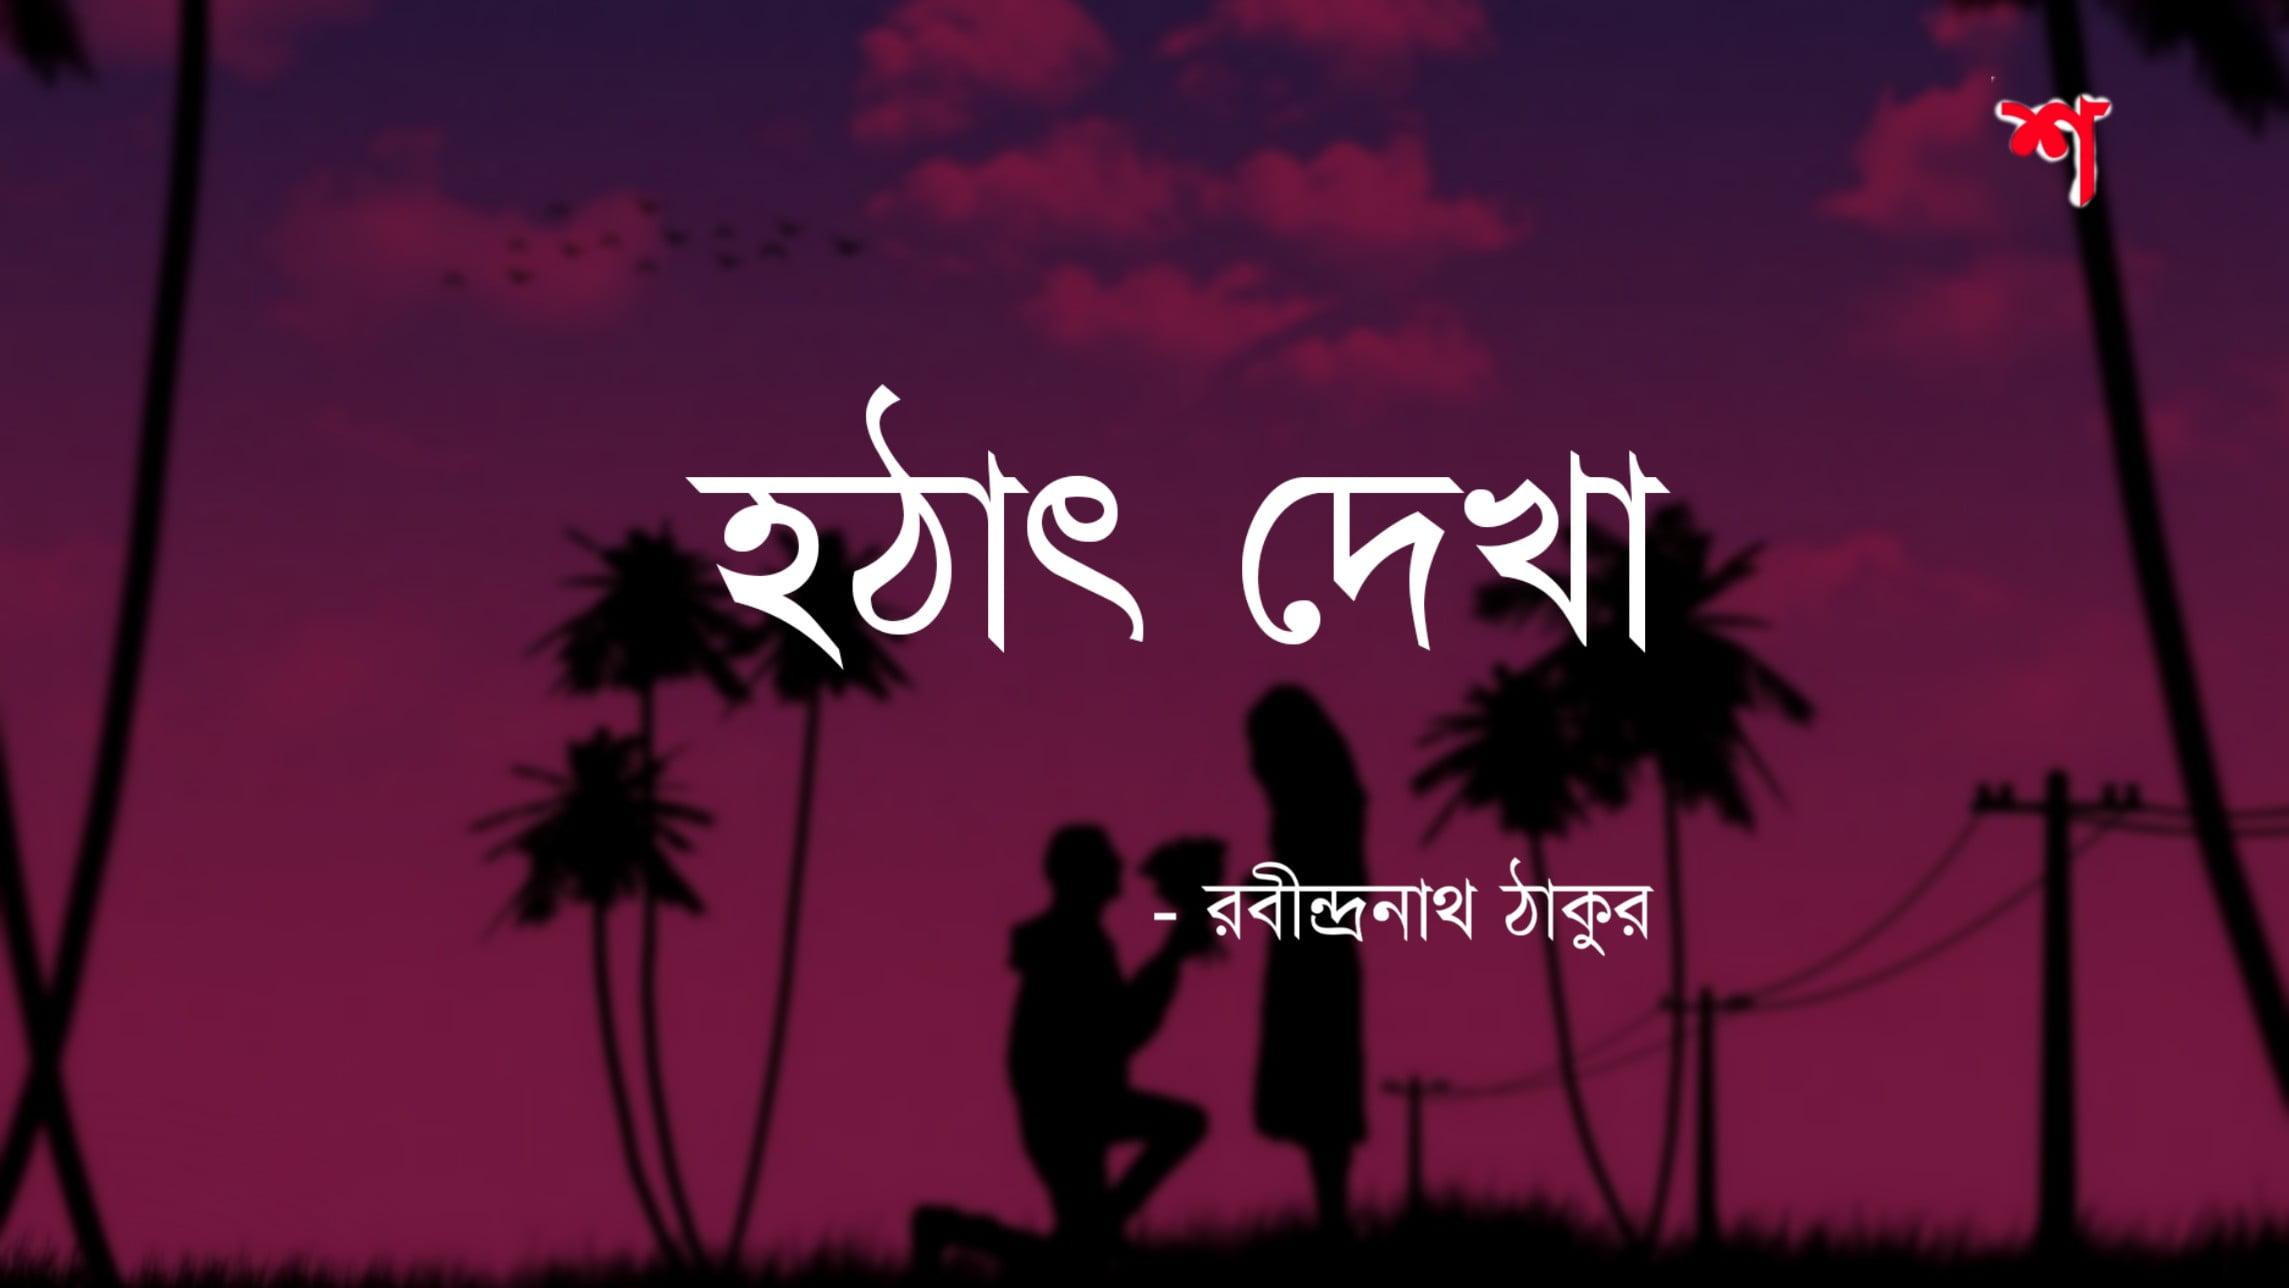 Hothat Dekha poem - Shobdochari.com